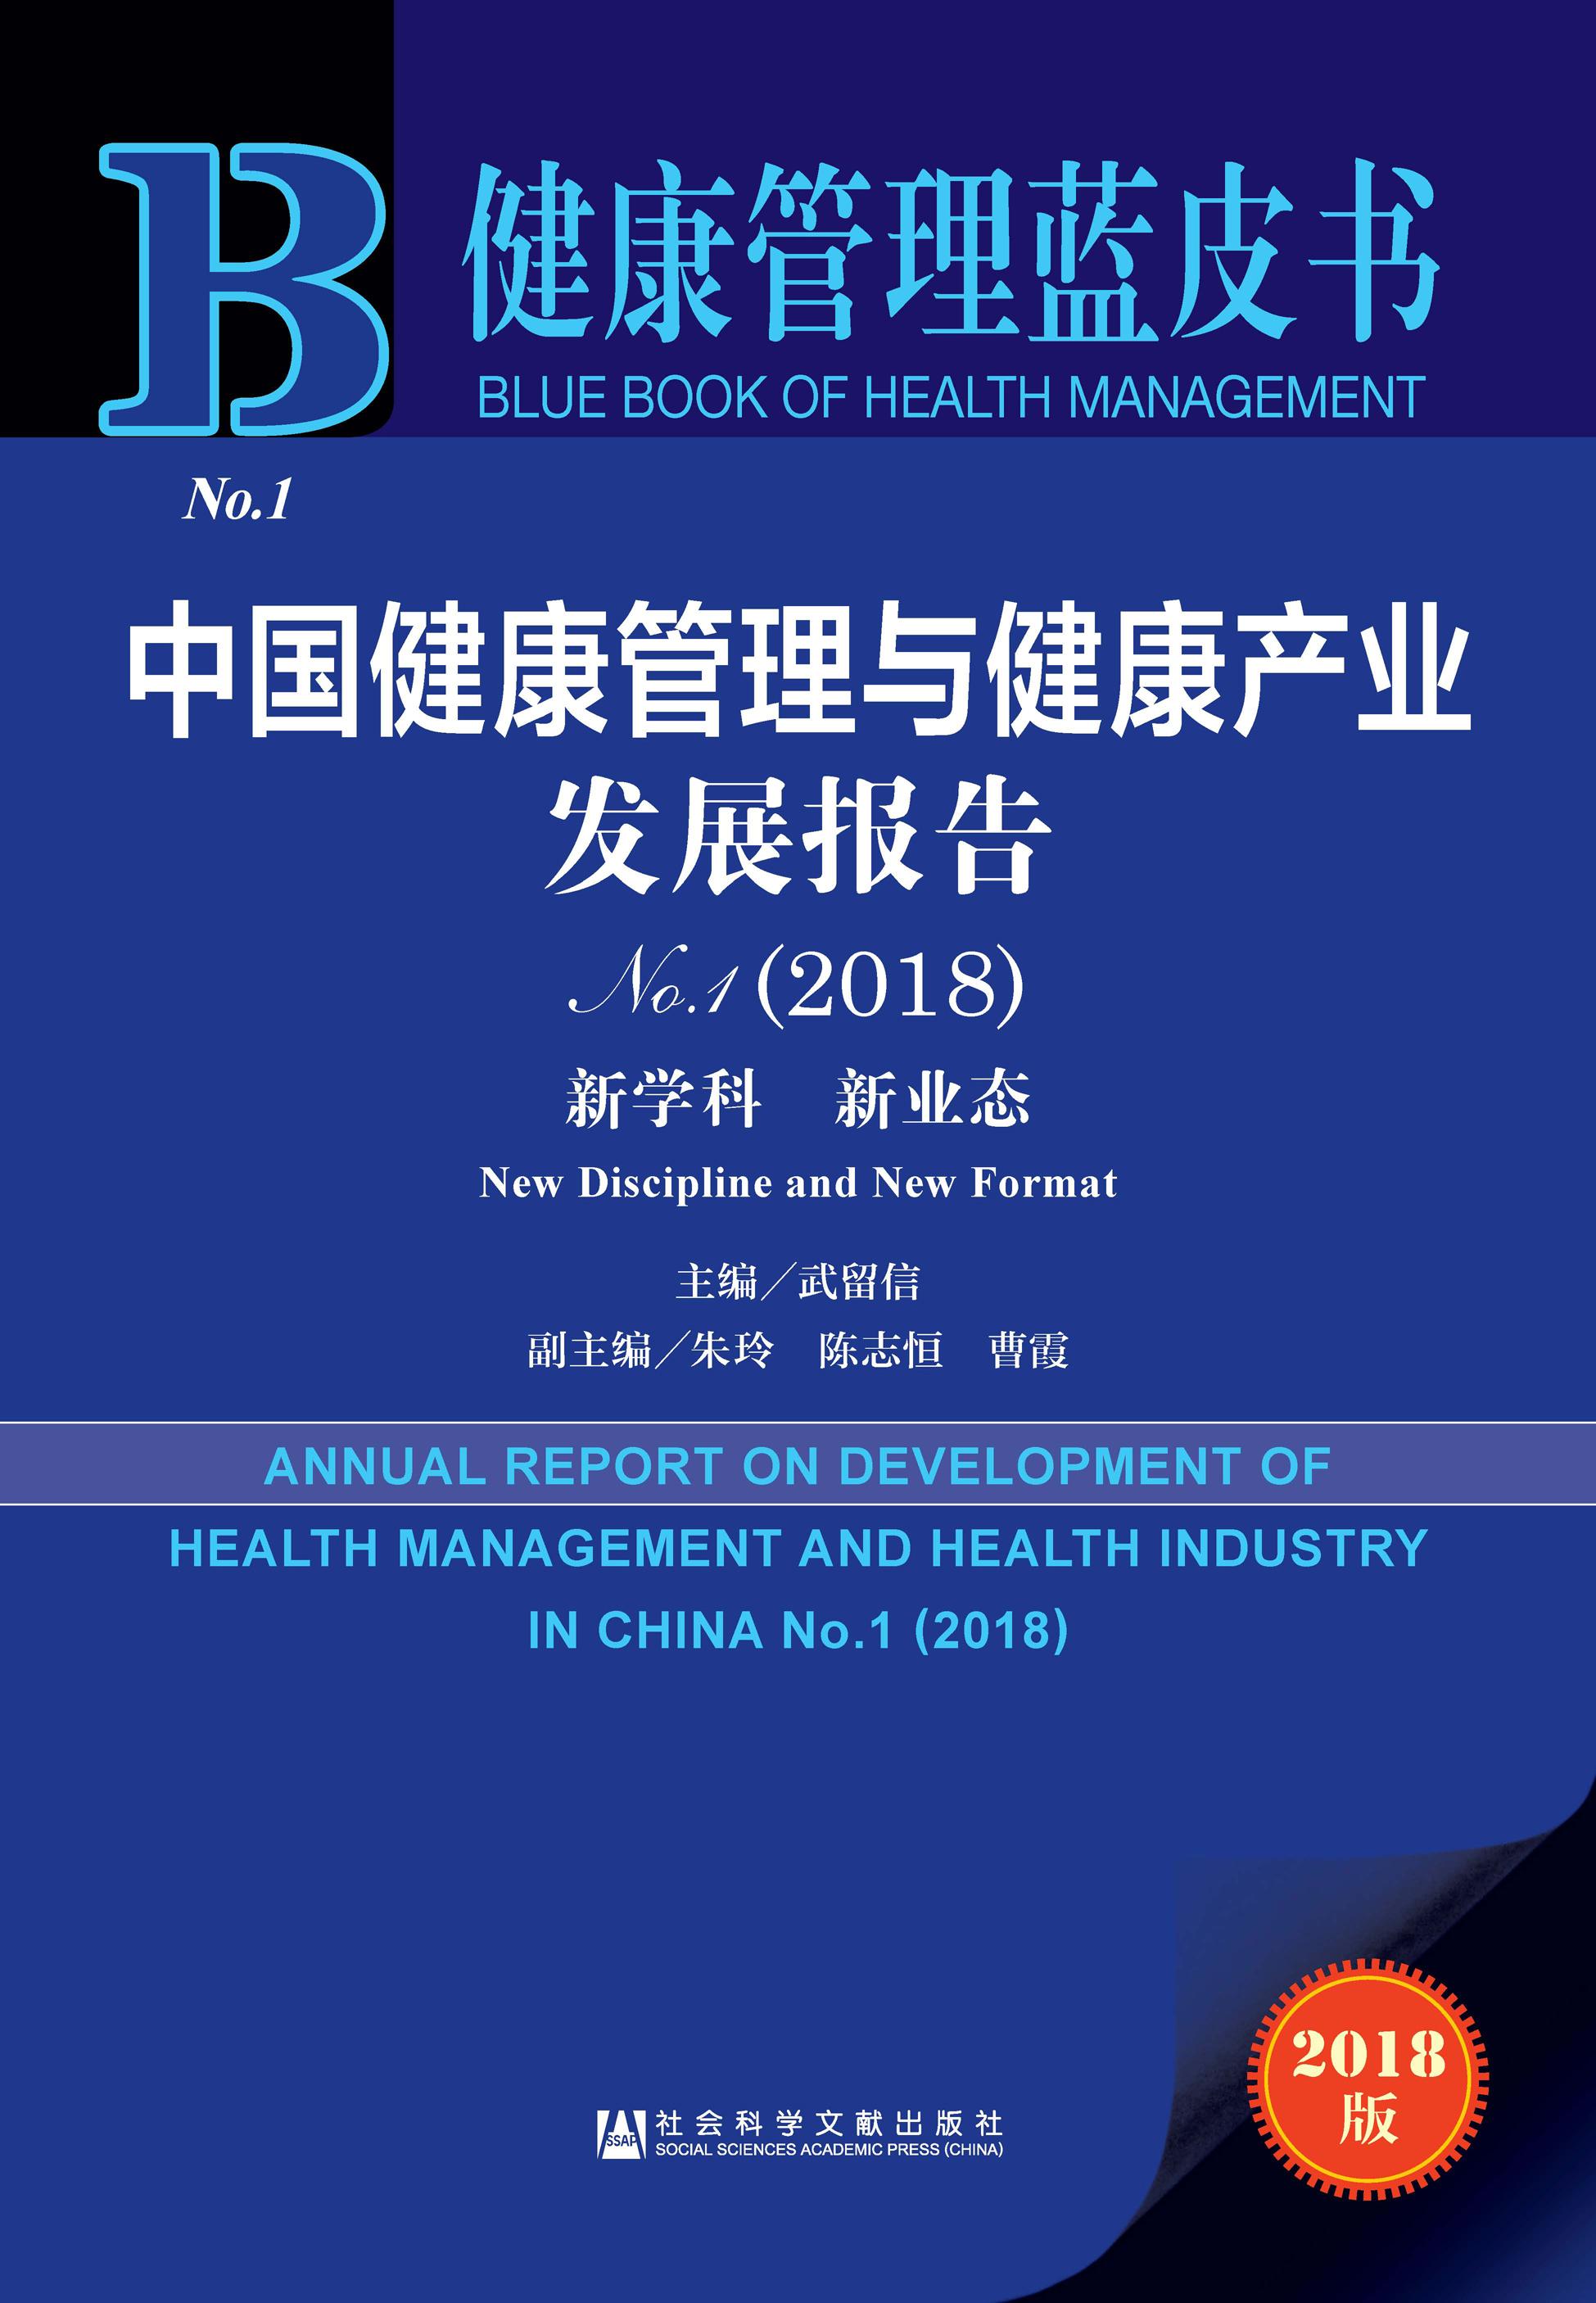 中国健康管理与健康产业发展报告No.1(2018)